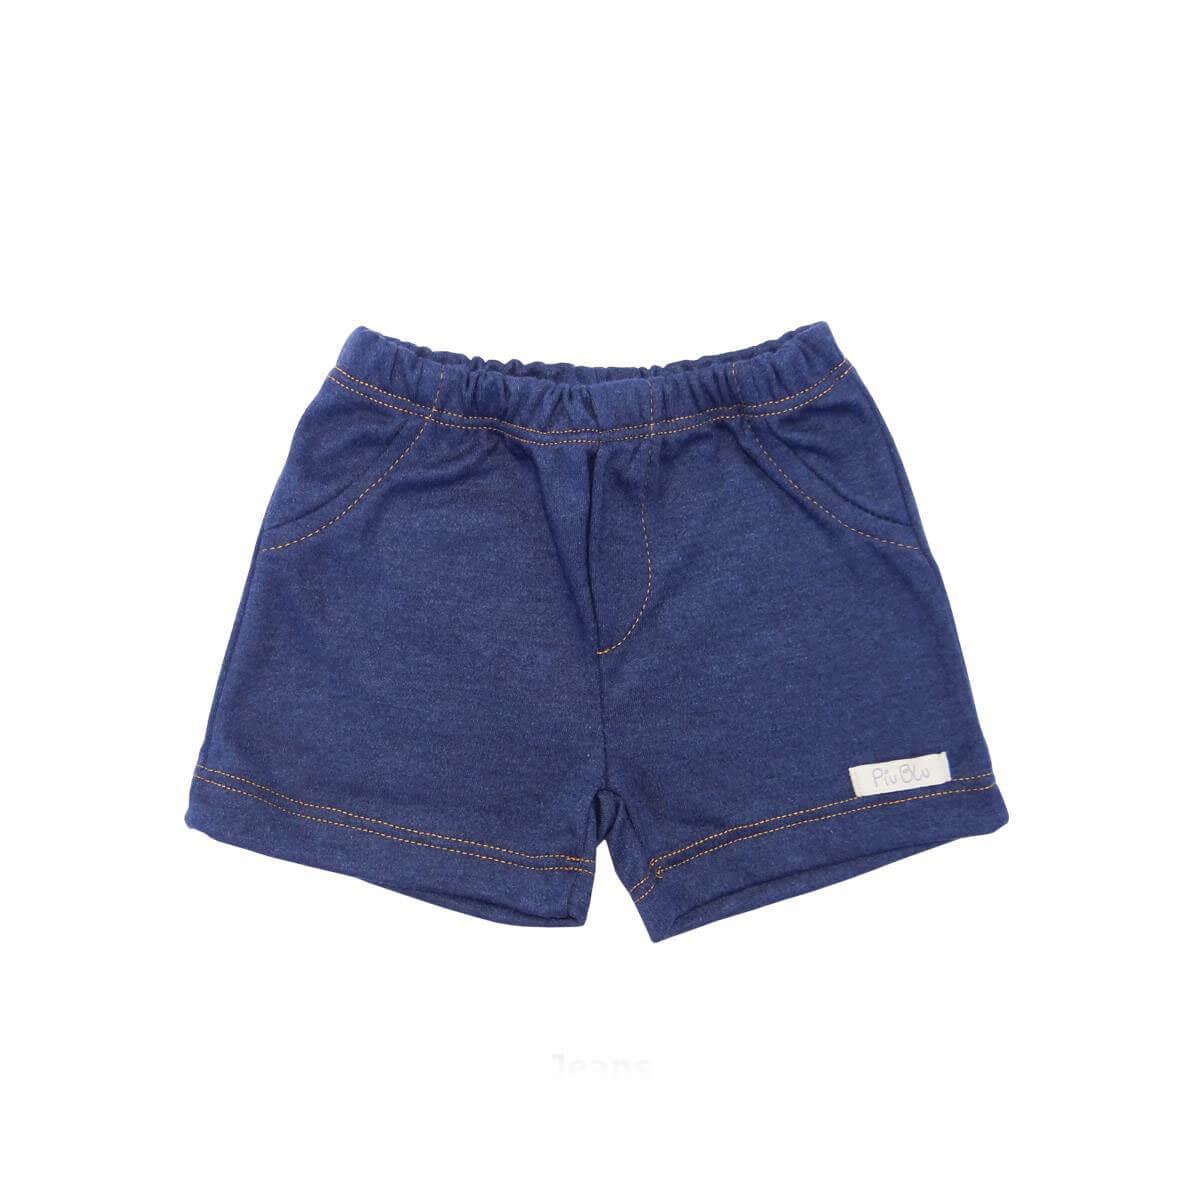 Shorts Masculino 1 ao 4 Azul Jeans